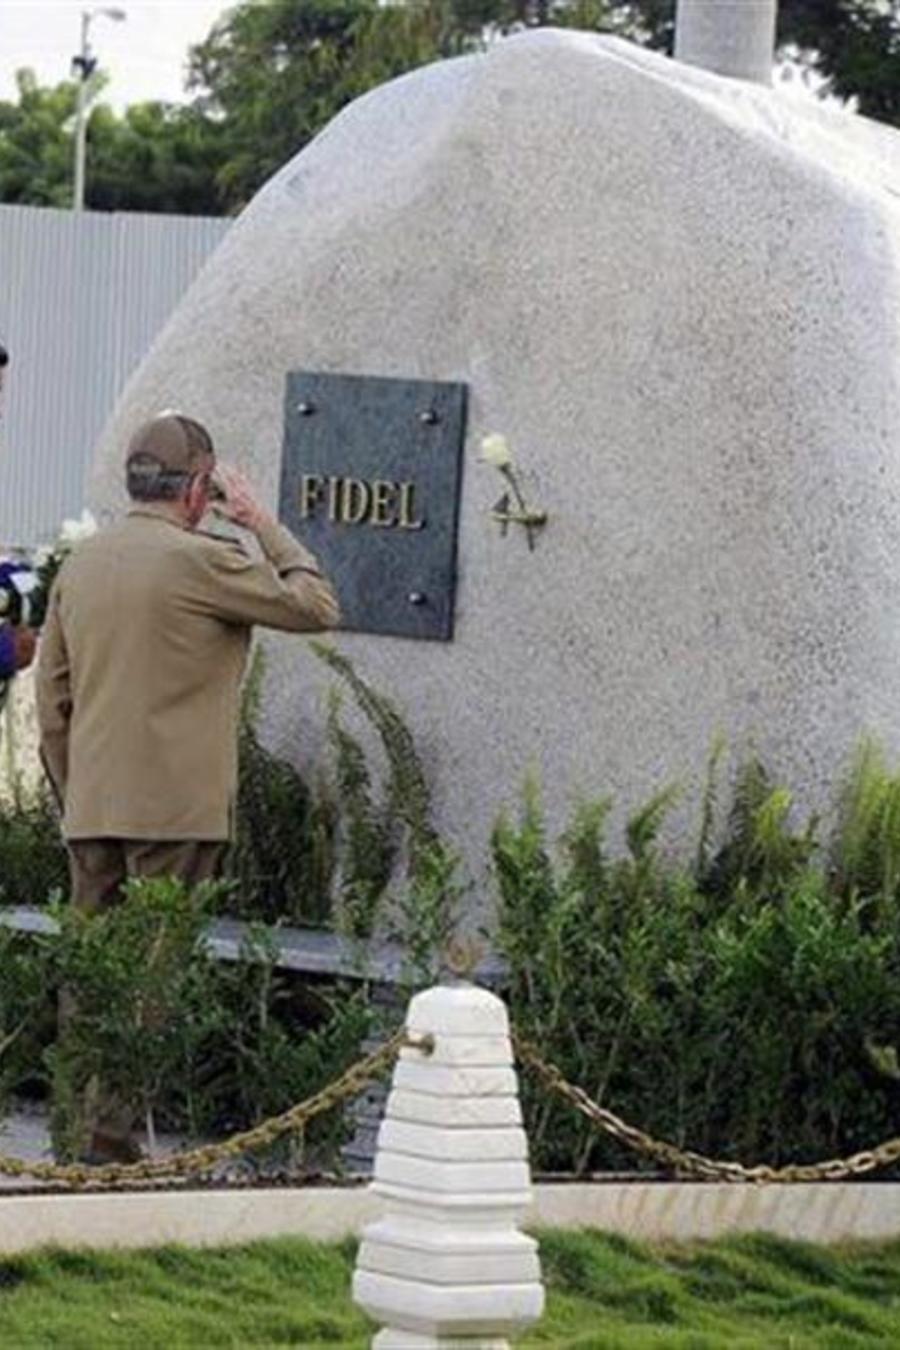 Los presidentes de Venezuela y Cuba honran a Fidel Castro en su mausoleo el martes 15 de agosto del 2017